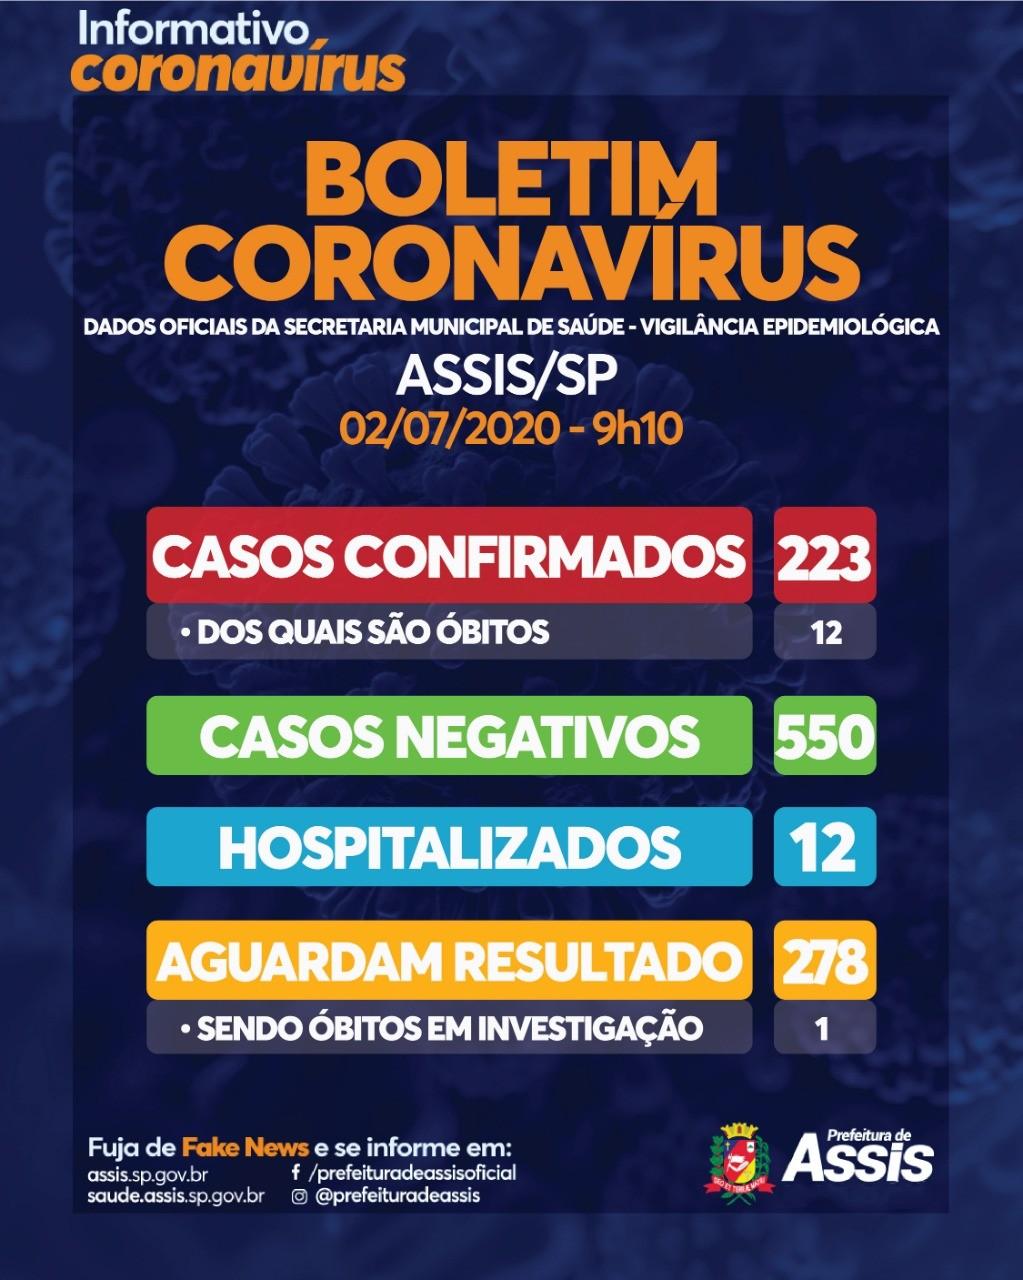 Mortes confirmadas por coronavírus nas regiões de Bauru e Marília nesta quinta-feira, 2 de julho